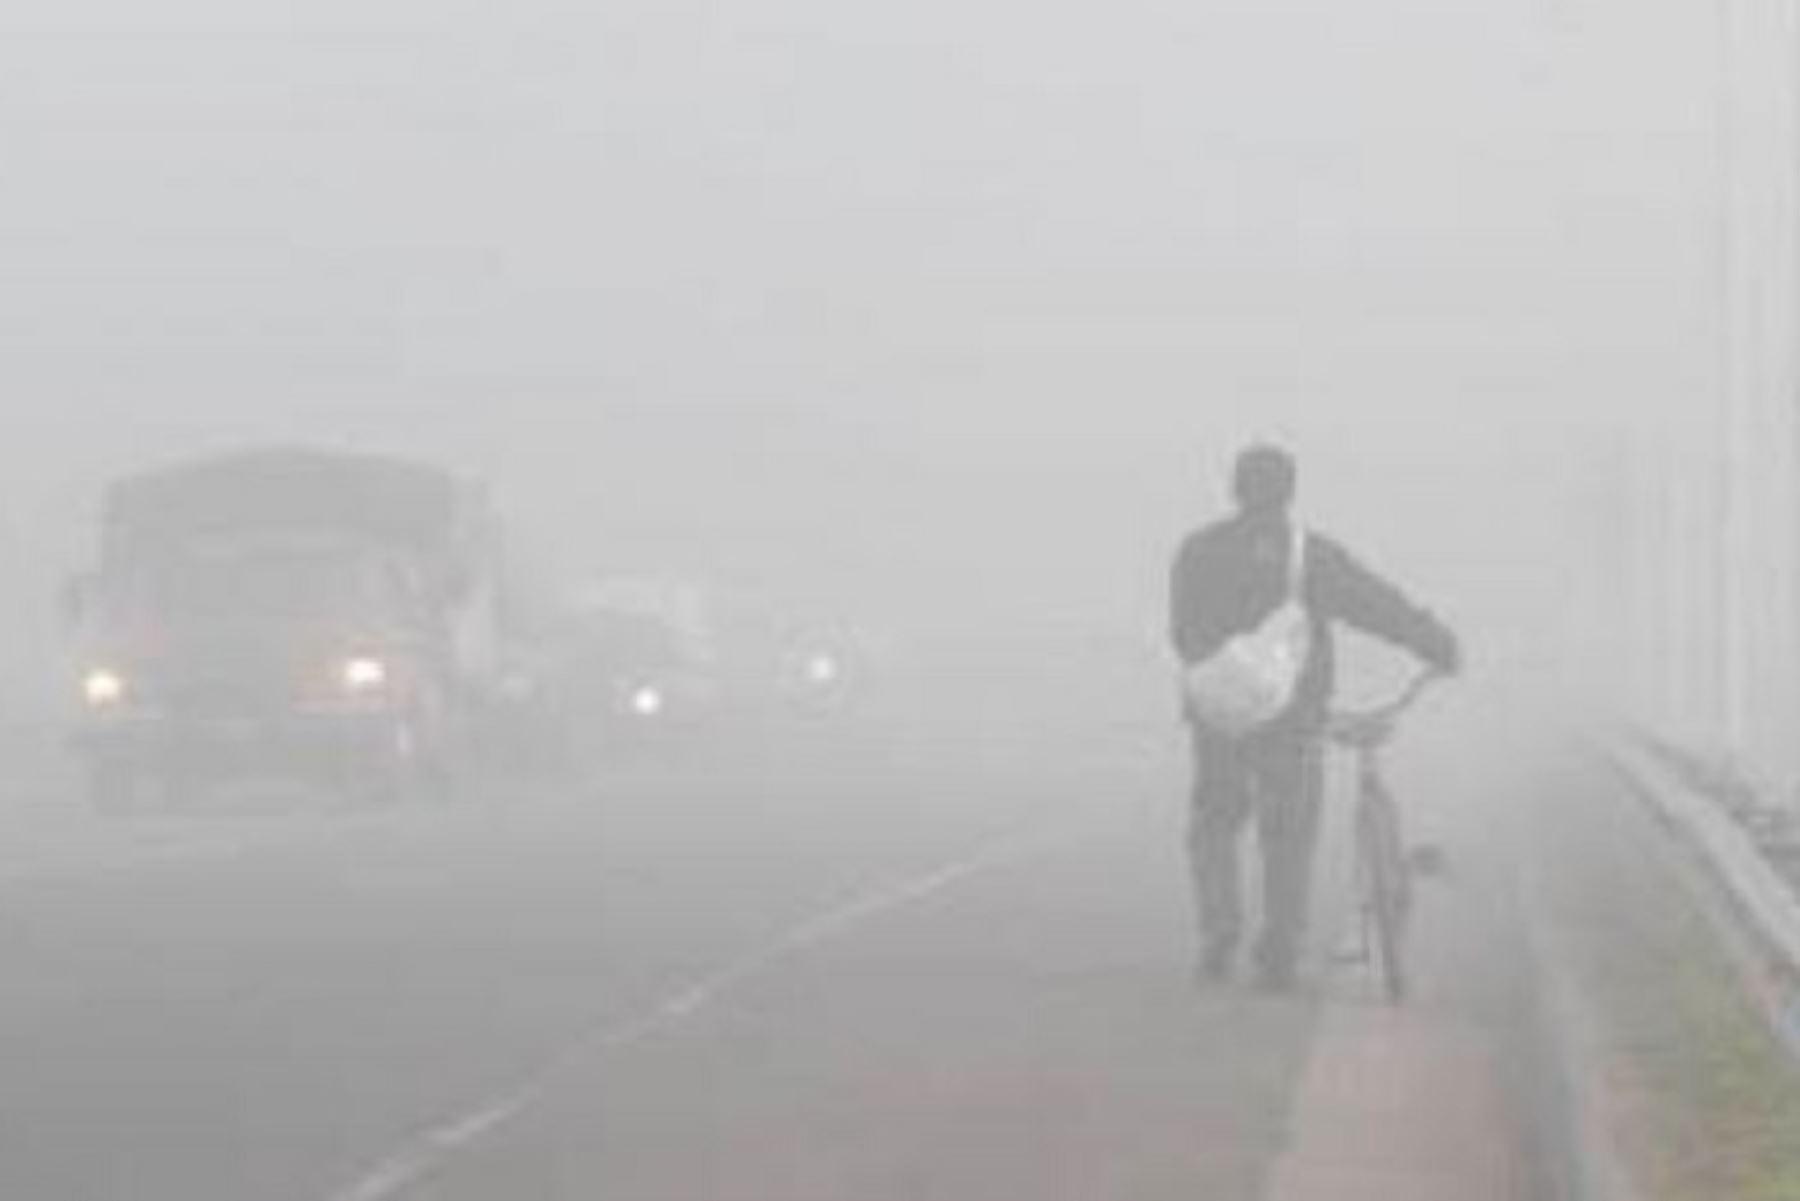 El incremento de viento en la zona costera sur y central, principalmente en las regiones Ica, Arequipa, Moquegua y Tacna, continuará hasta mañana domingo por la noche, pronosticó el Servicio Nacional de Meteorología e Hidrología (Senamhi). ANDINA/Difusión